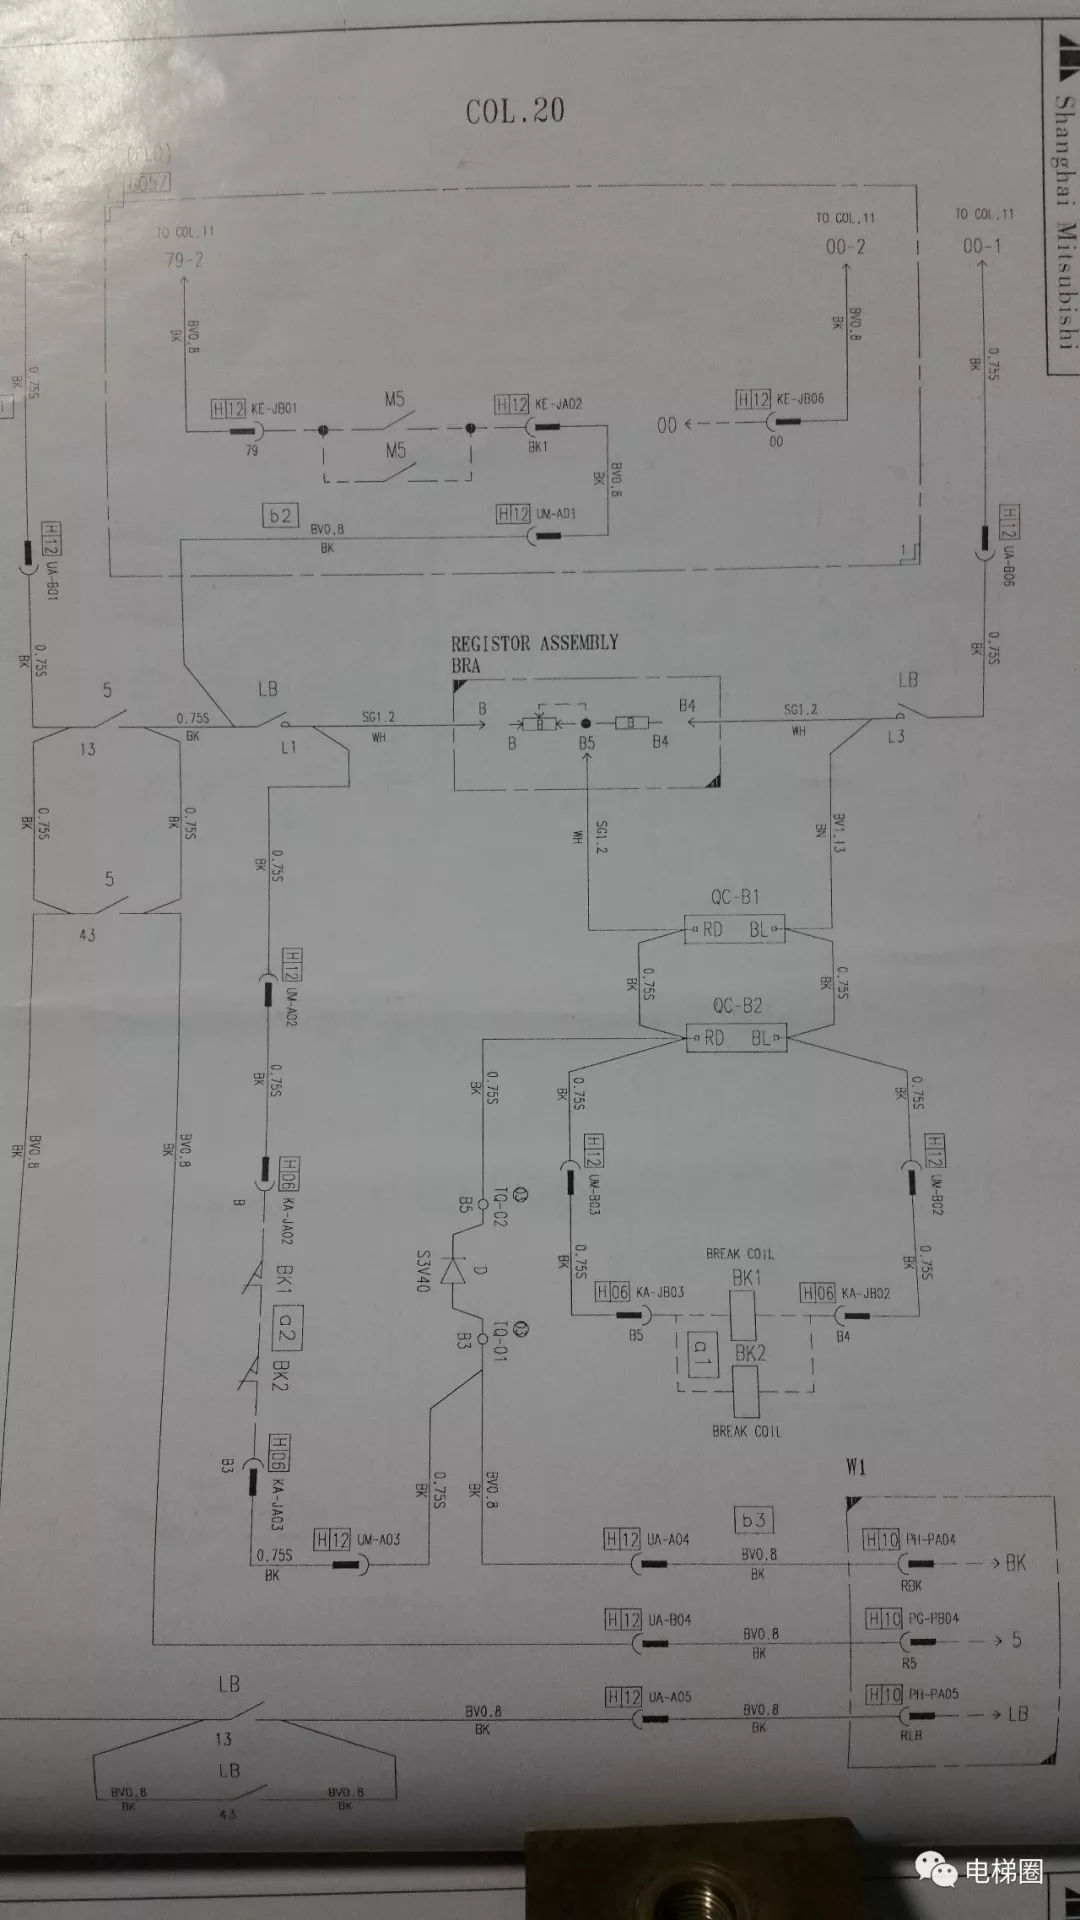 原标题:三菱电梯陕西西安分公司三菱电梯抱闸开关检测控制 三菱电梯抱闸开关检测控制由三菱电梯陕西西安分公司整理出来。在陕西买三菱电梯认准三菱电梯陕西西安分公司网址www.wljdgc.com电话029-62806850。 三菱电梯抱闸开关检测电路的分析原理,有所谓的二线制控制和三制线控制方式。至于说什么几线制控制方式,个人看法是不严谨的。 抱闸开关检测电路设计无非就两种检测方式,一是机械(开关)检测,二是电子(传感器)检测。抱闸开关控制电路也无非就两种控制方式,其一是串联控制,其二是并联控制。不管是那种检测